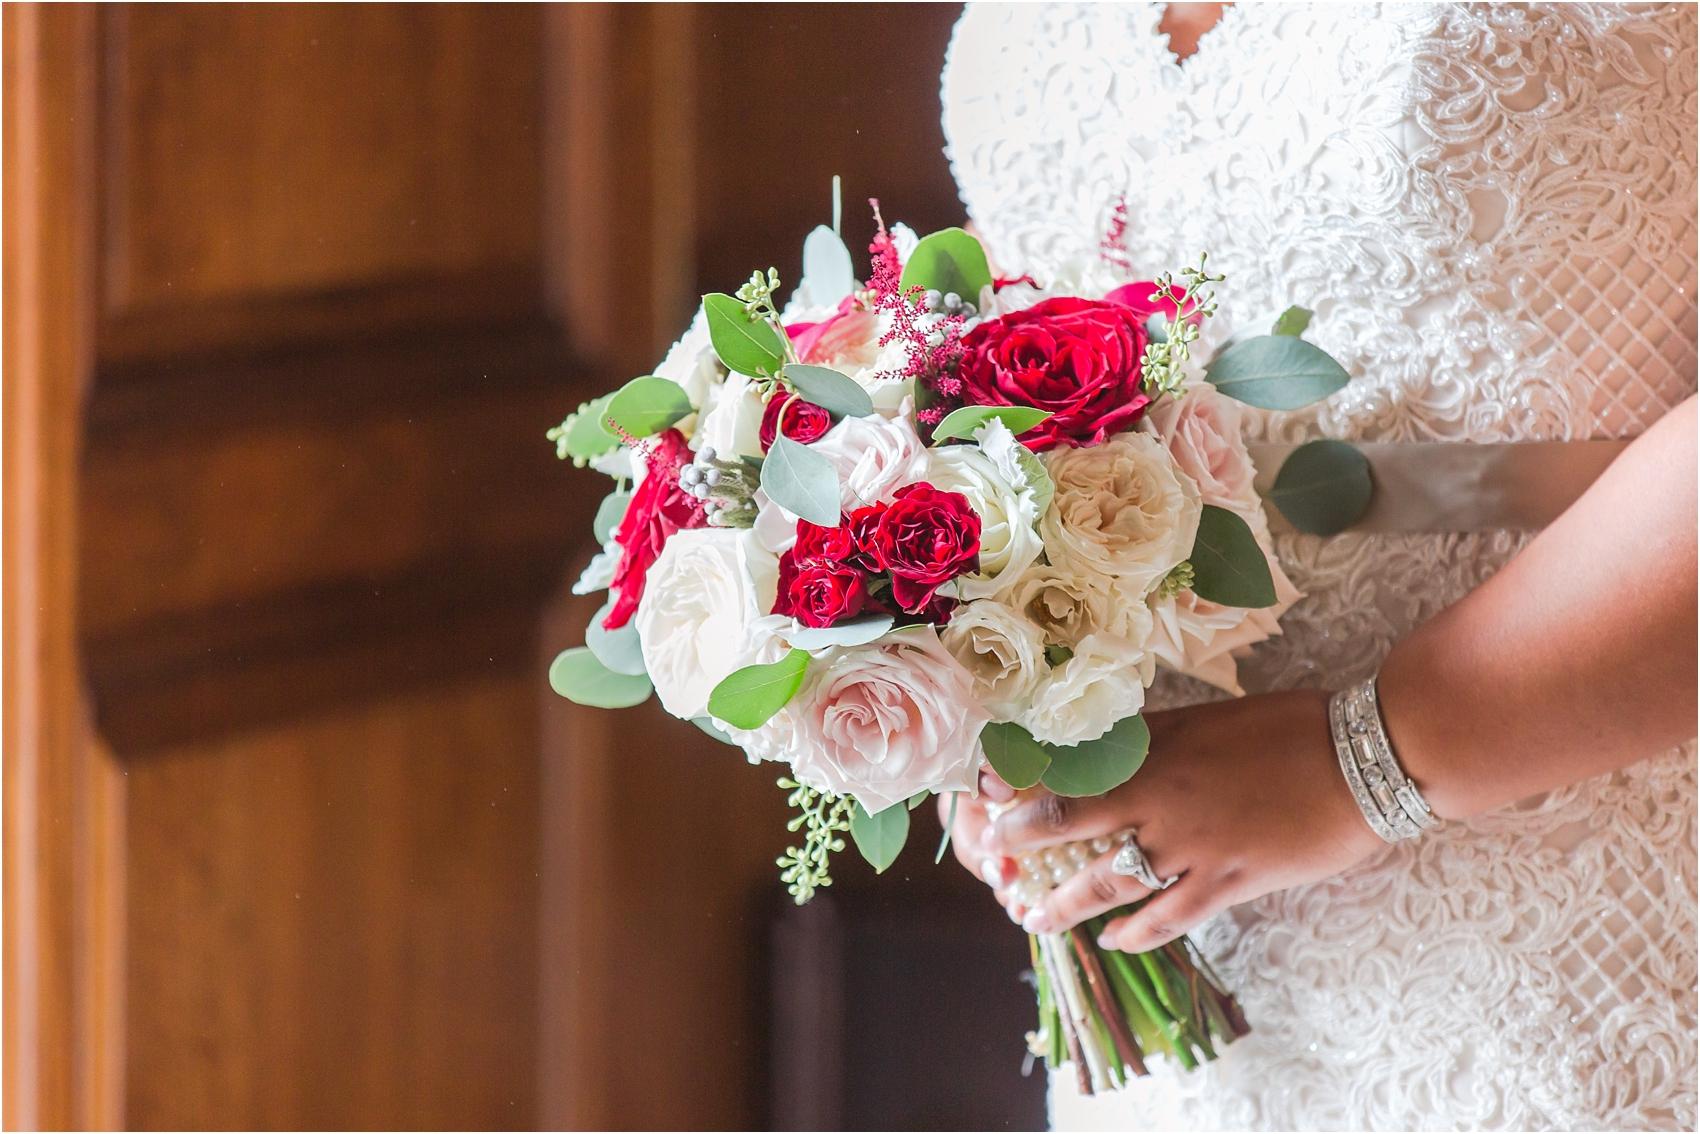 minimalist-and-modern-wedding-photos-at-30-north-saginaw-in-pontiac-michigan-by-courtney-carolyn-photography_0002.jpg